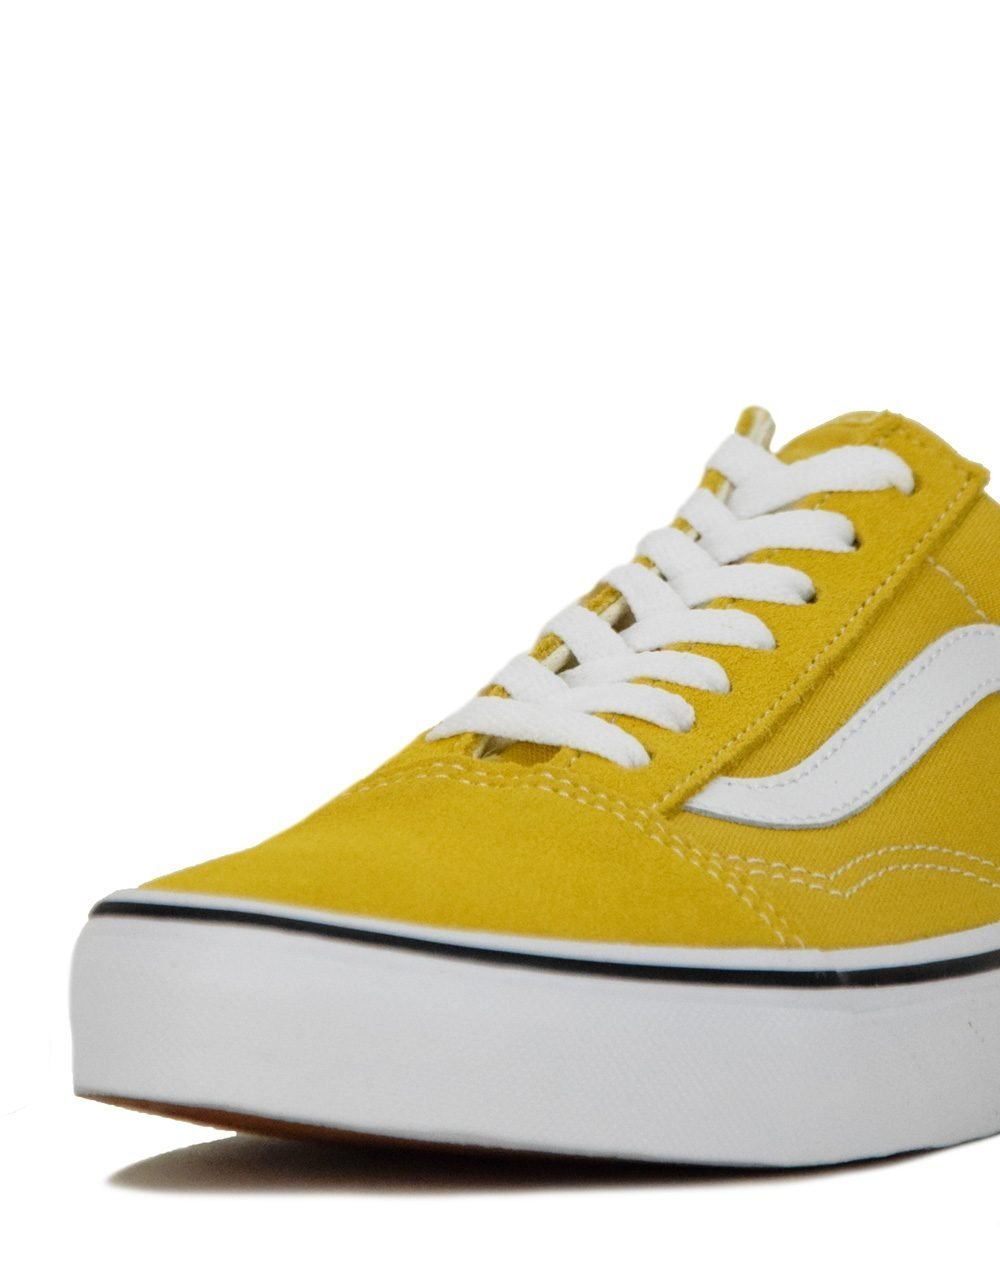 Vans Old Skool (VN38G1VRQ) York Yellow/White